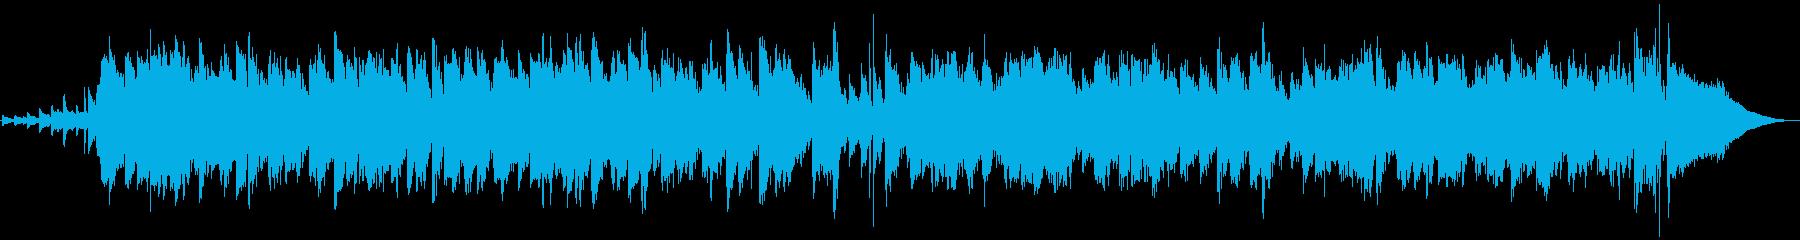 ゆるくて軽やかなシンプルジャズの再生済みの波形